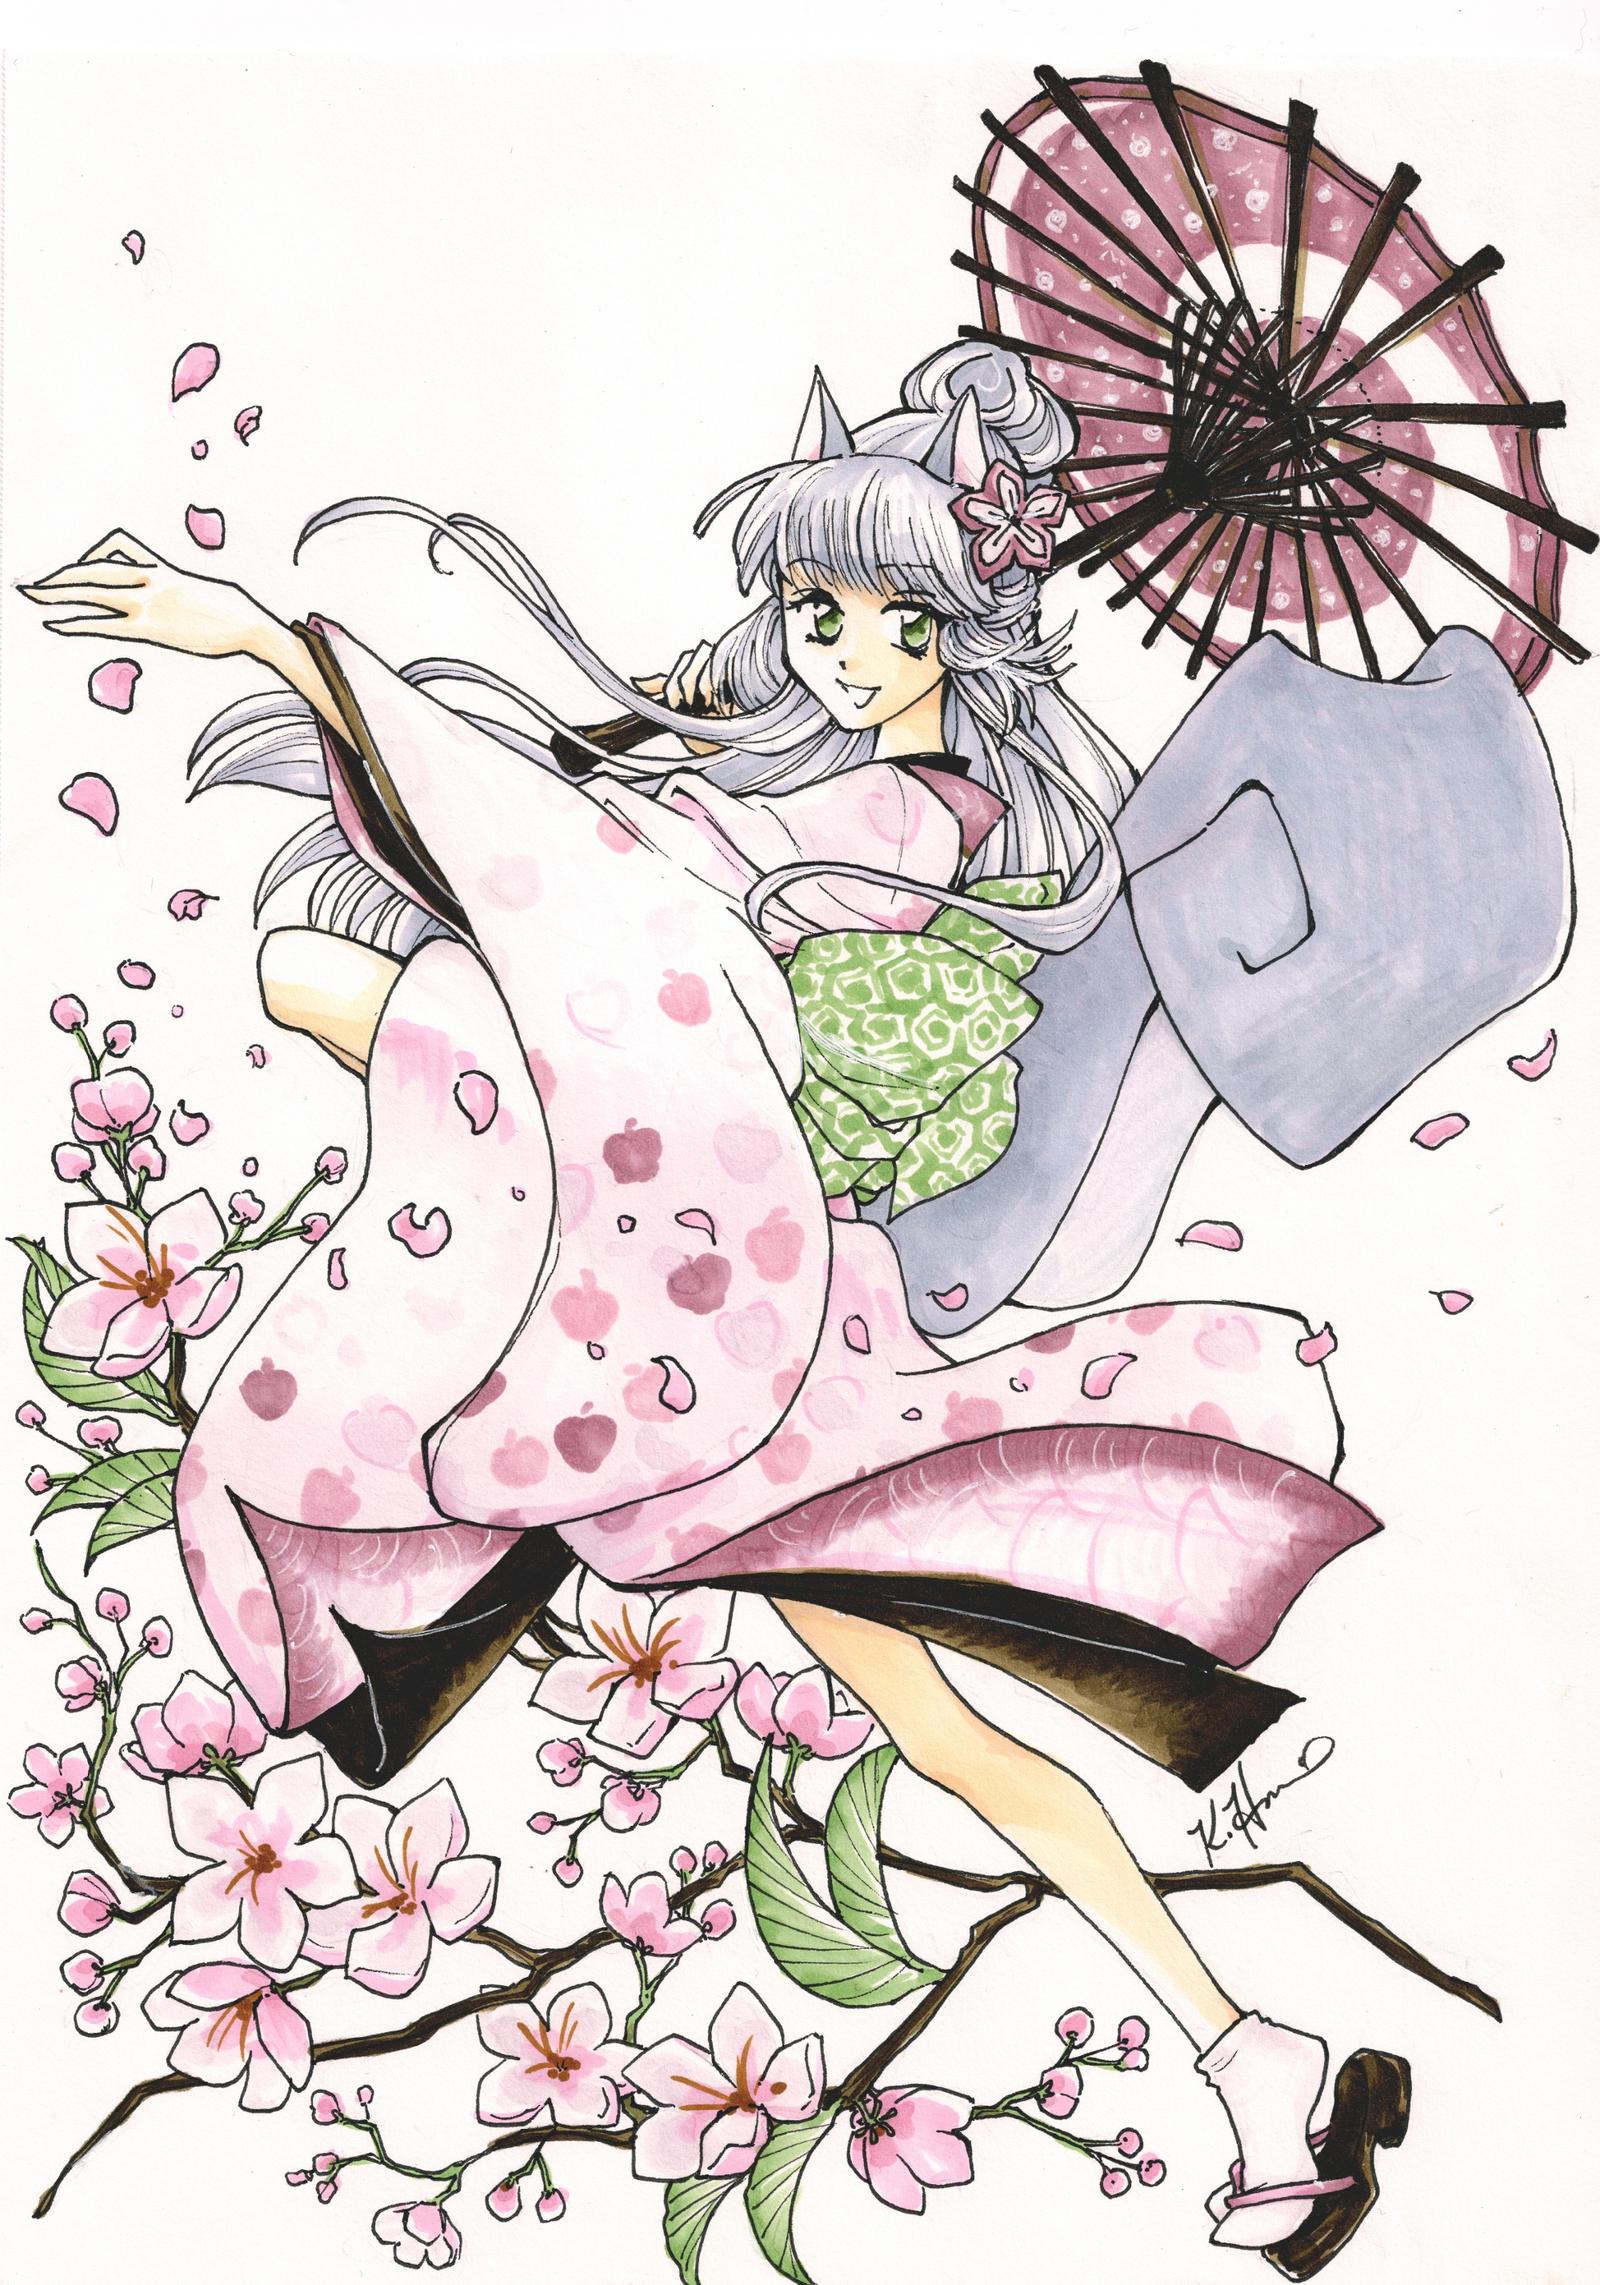 Year of the Cherry Blossom -- JAFAX by Shiroiyuki3